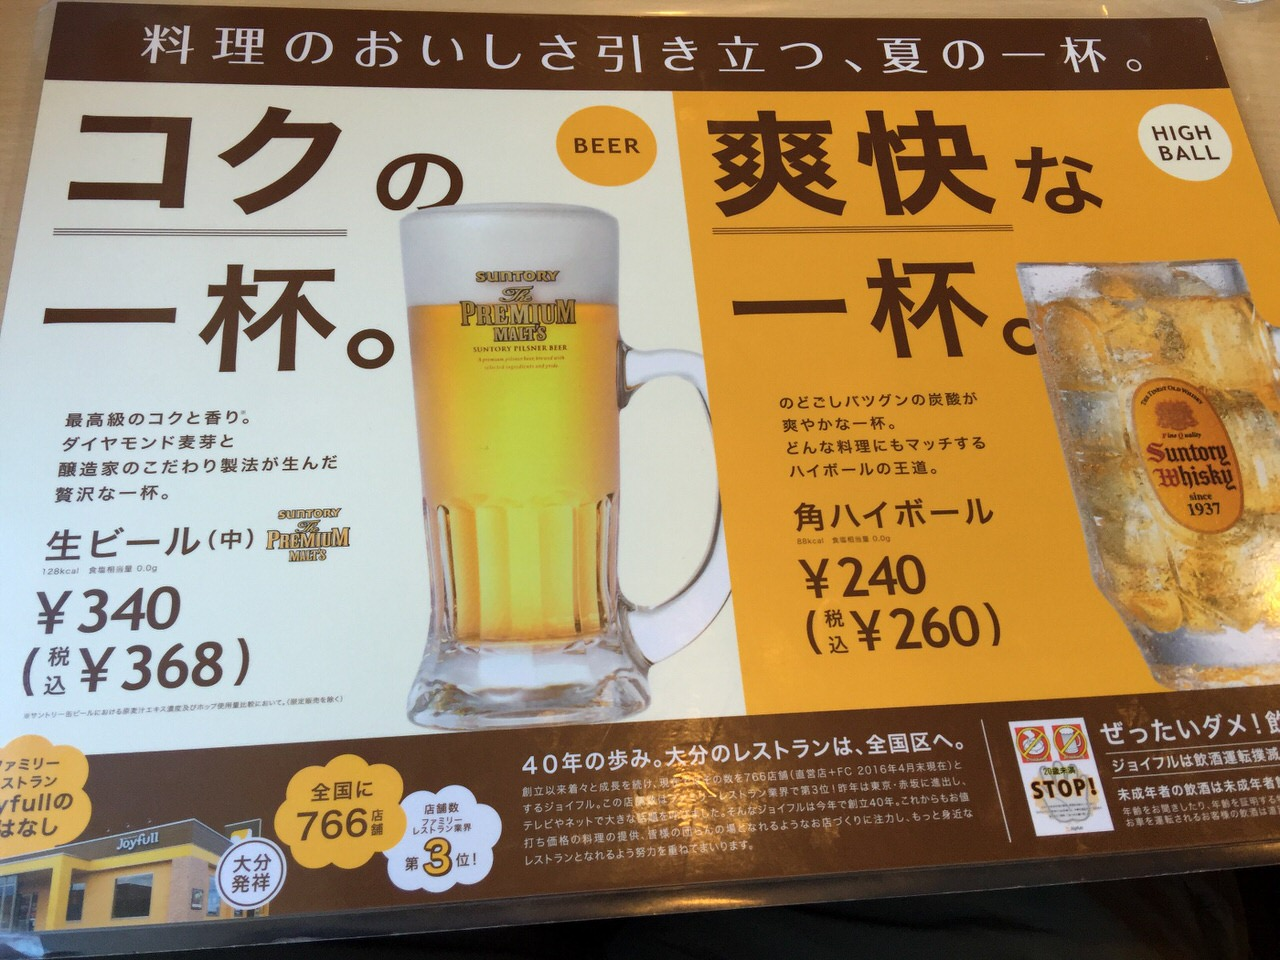 Joyfull yashio 7803